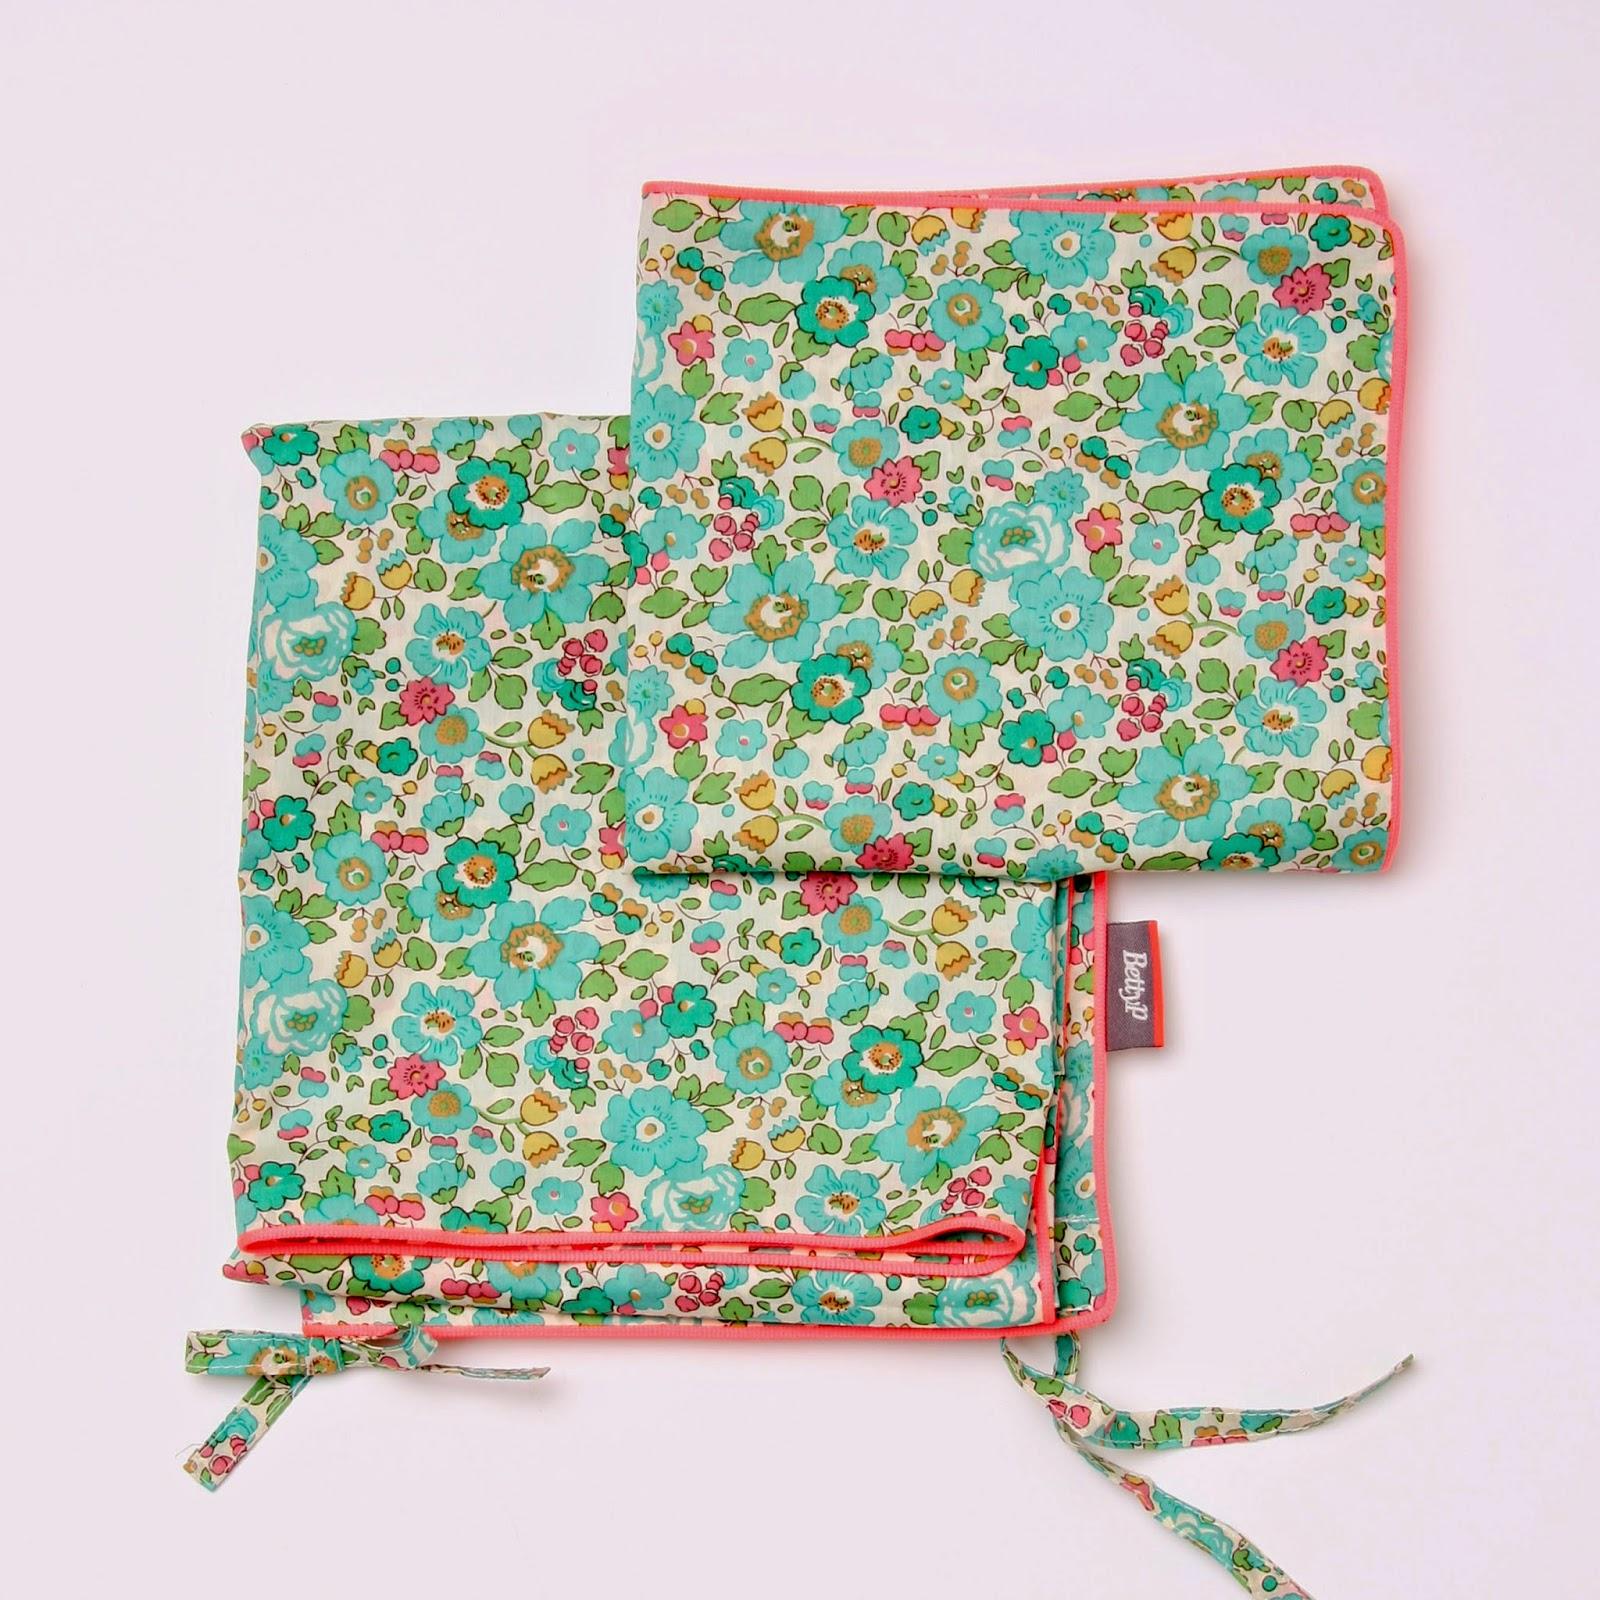 Dynebetræk og hovedpude betræk til baby. Sengetøjet er i Liberty stof og kantet med neonfarvet tittekant.